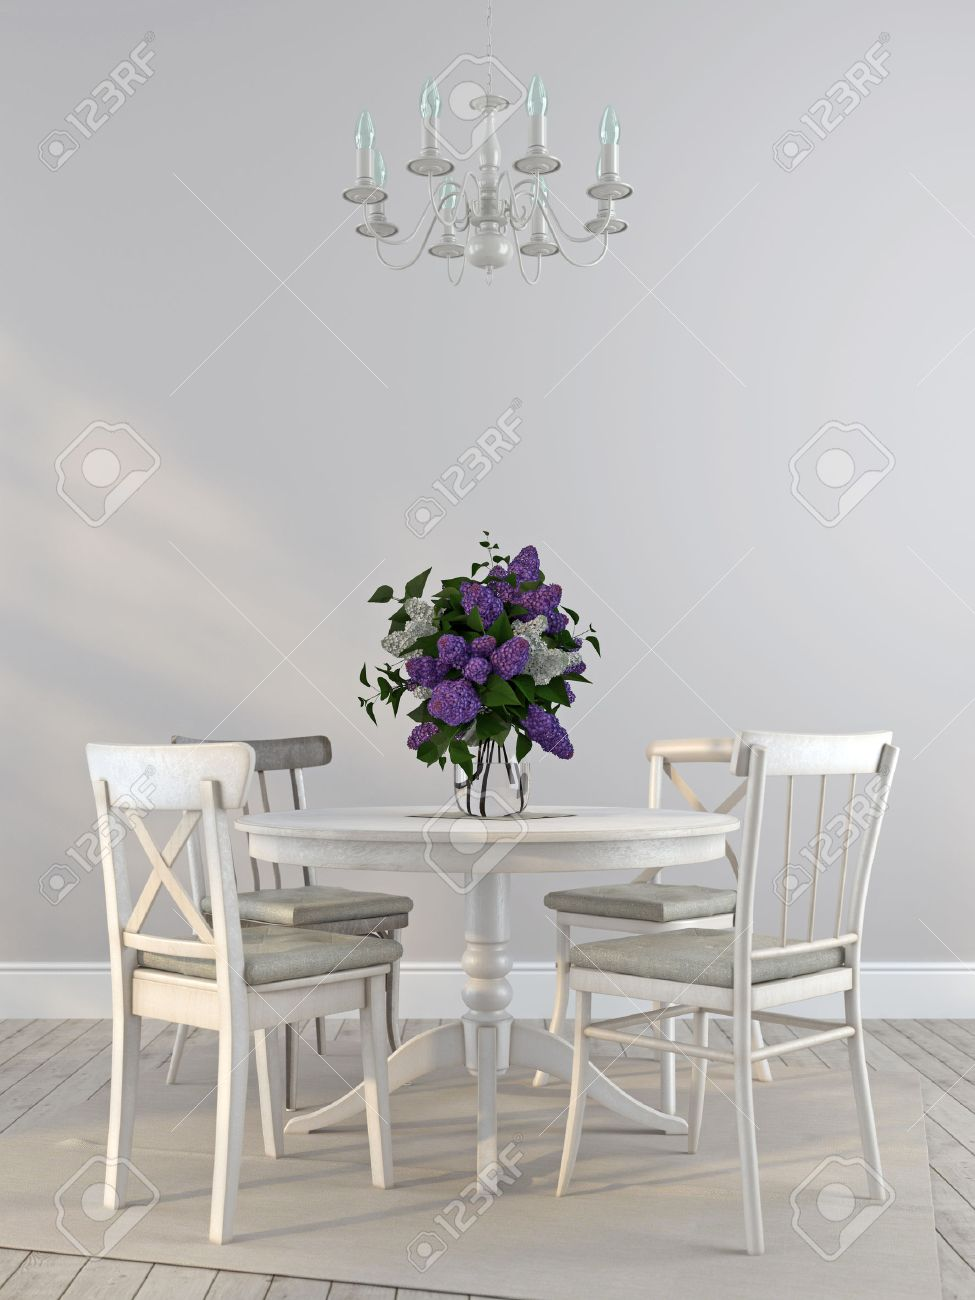 interni in stile provenzale, composta da sedie bianche squallido e ... - Tavoli Da Soggiorno Stile Provenzale